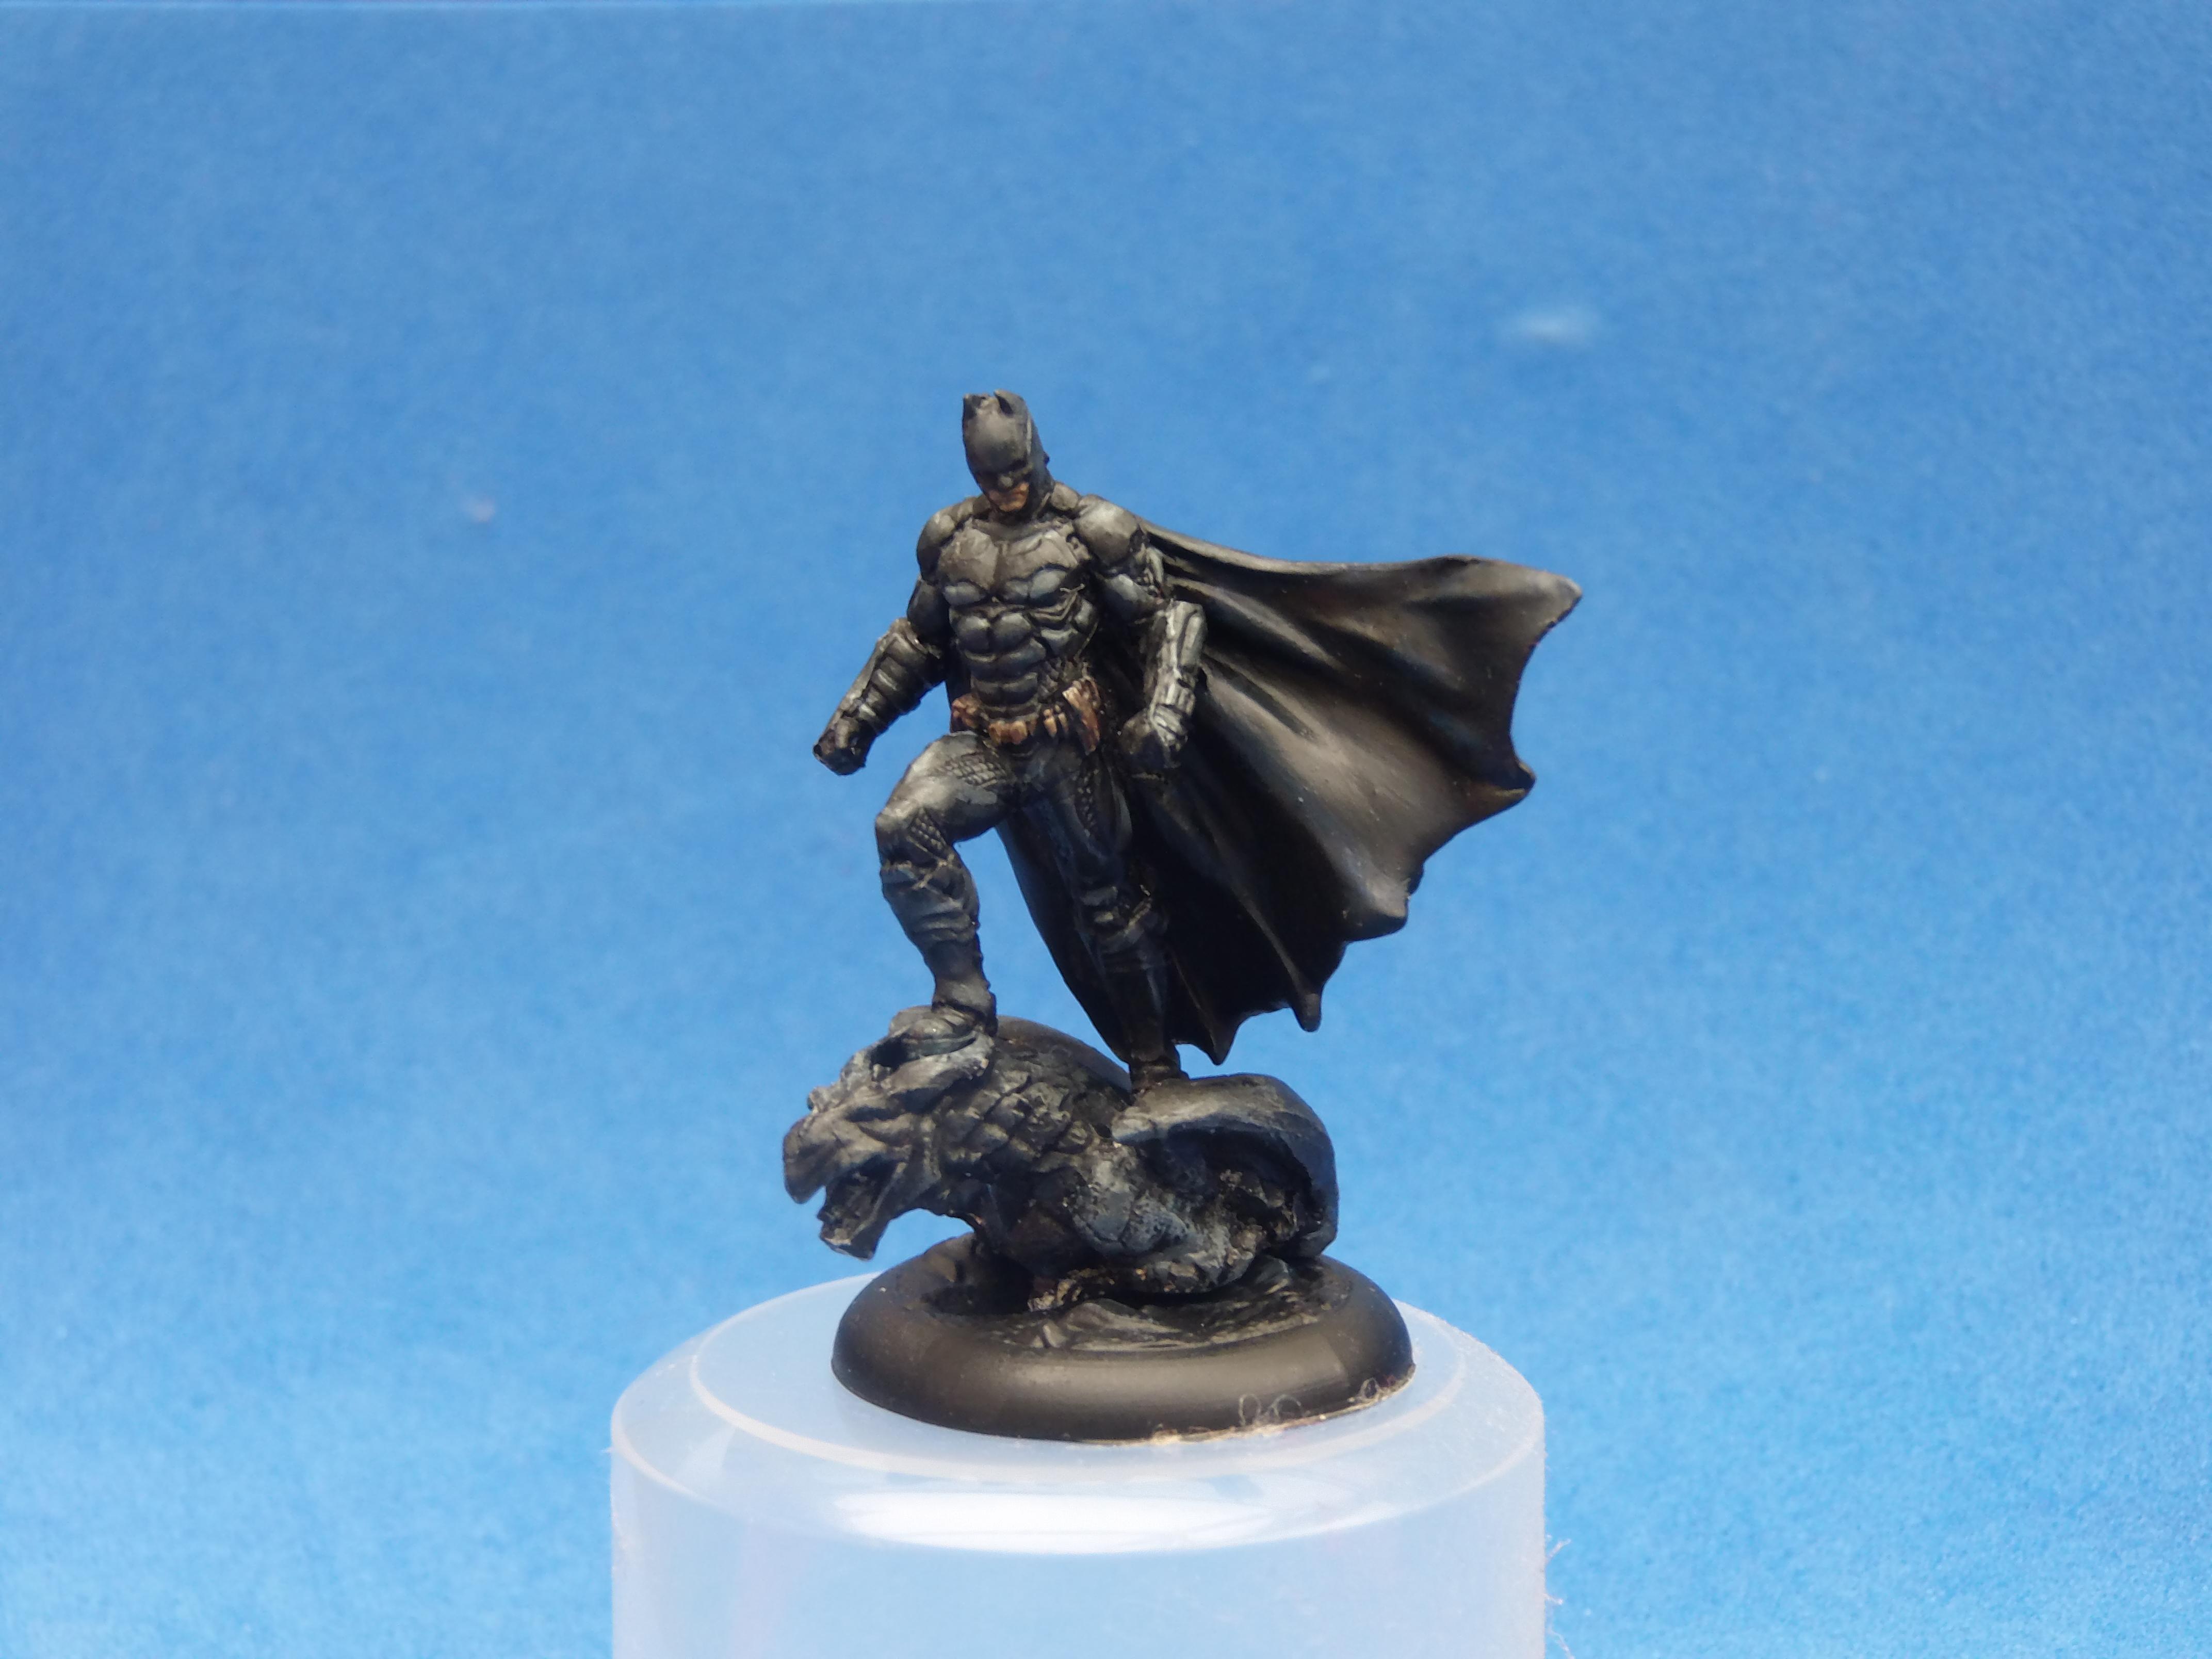 Batman, Bmg, Comics, Dc Comics, Knight Models